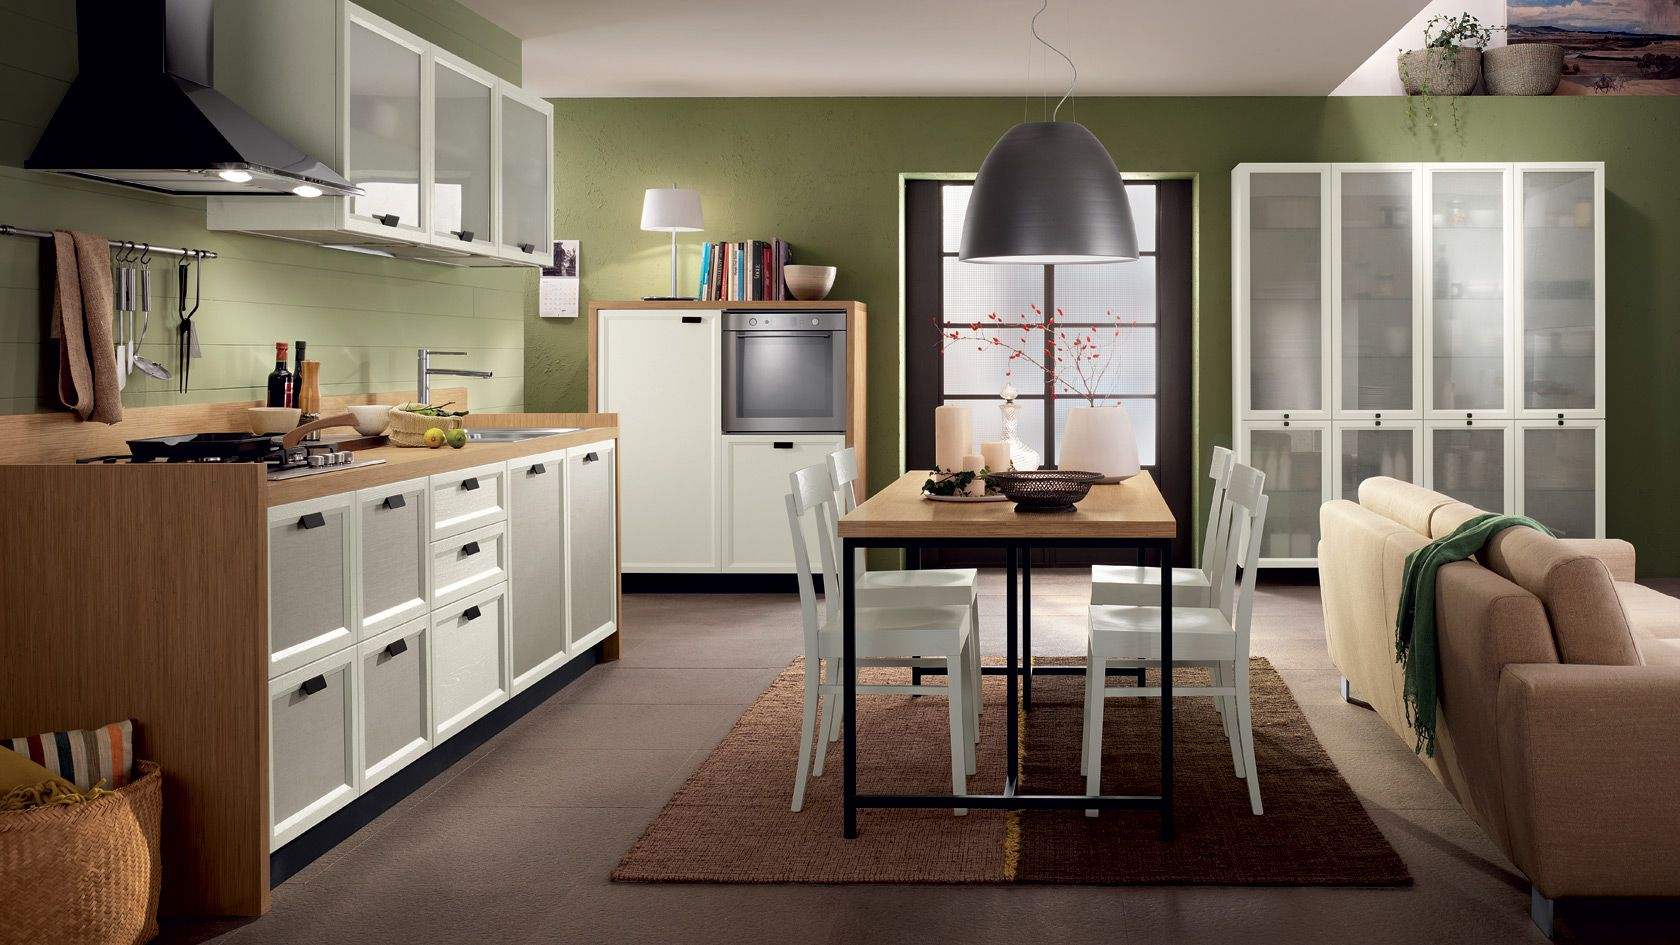 Cuisine équipée Atelier | Scavolini site officiel | La belle ...